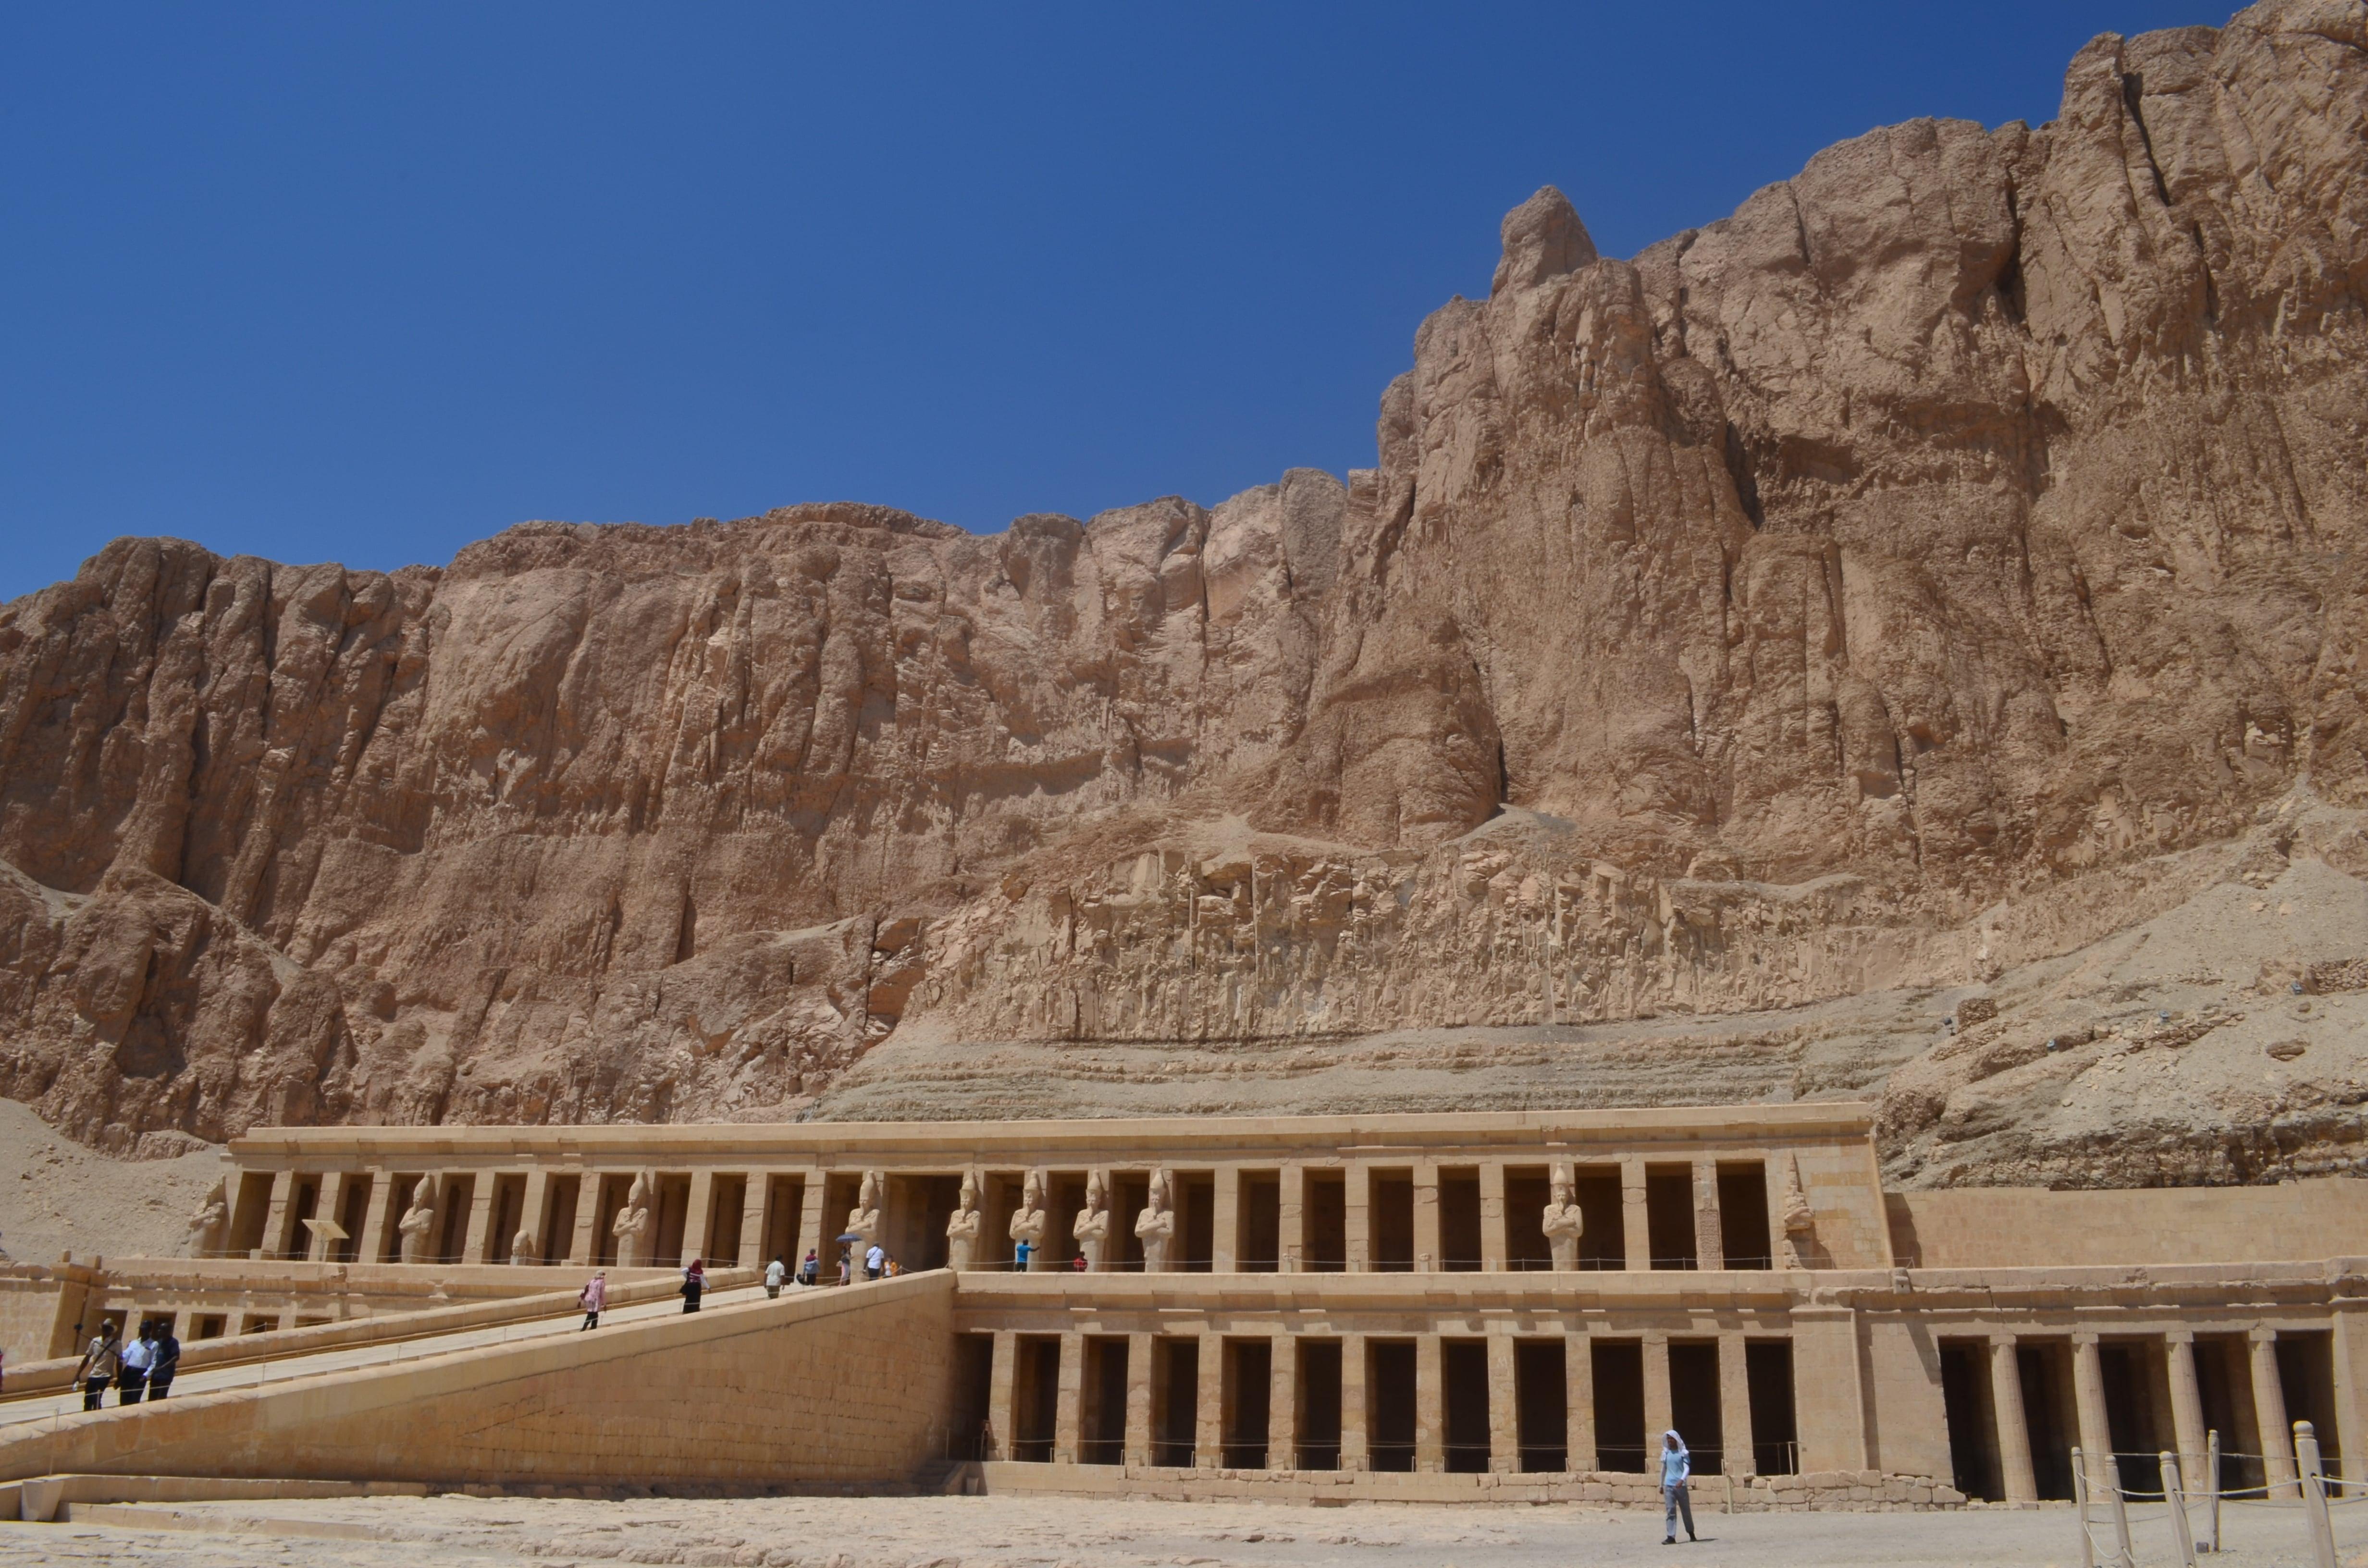 Vista del Templo Hatshepsut al medio día en Egipto